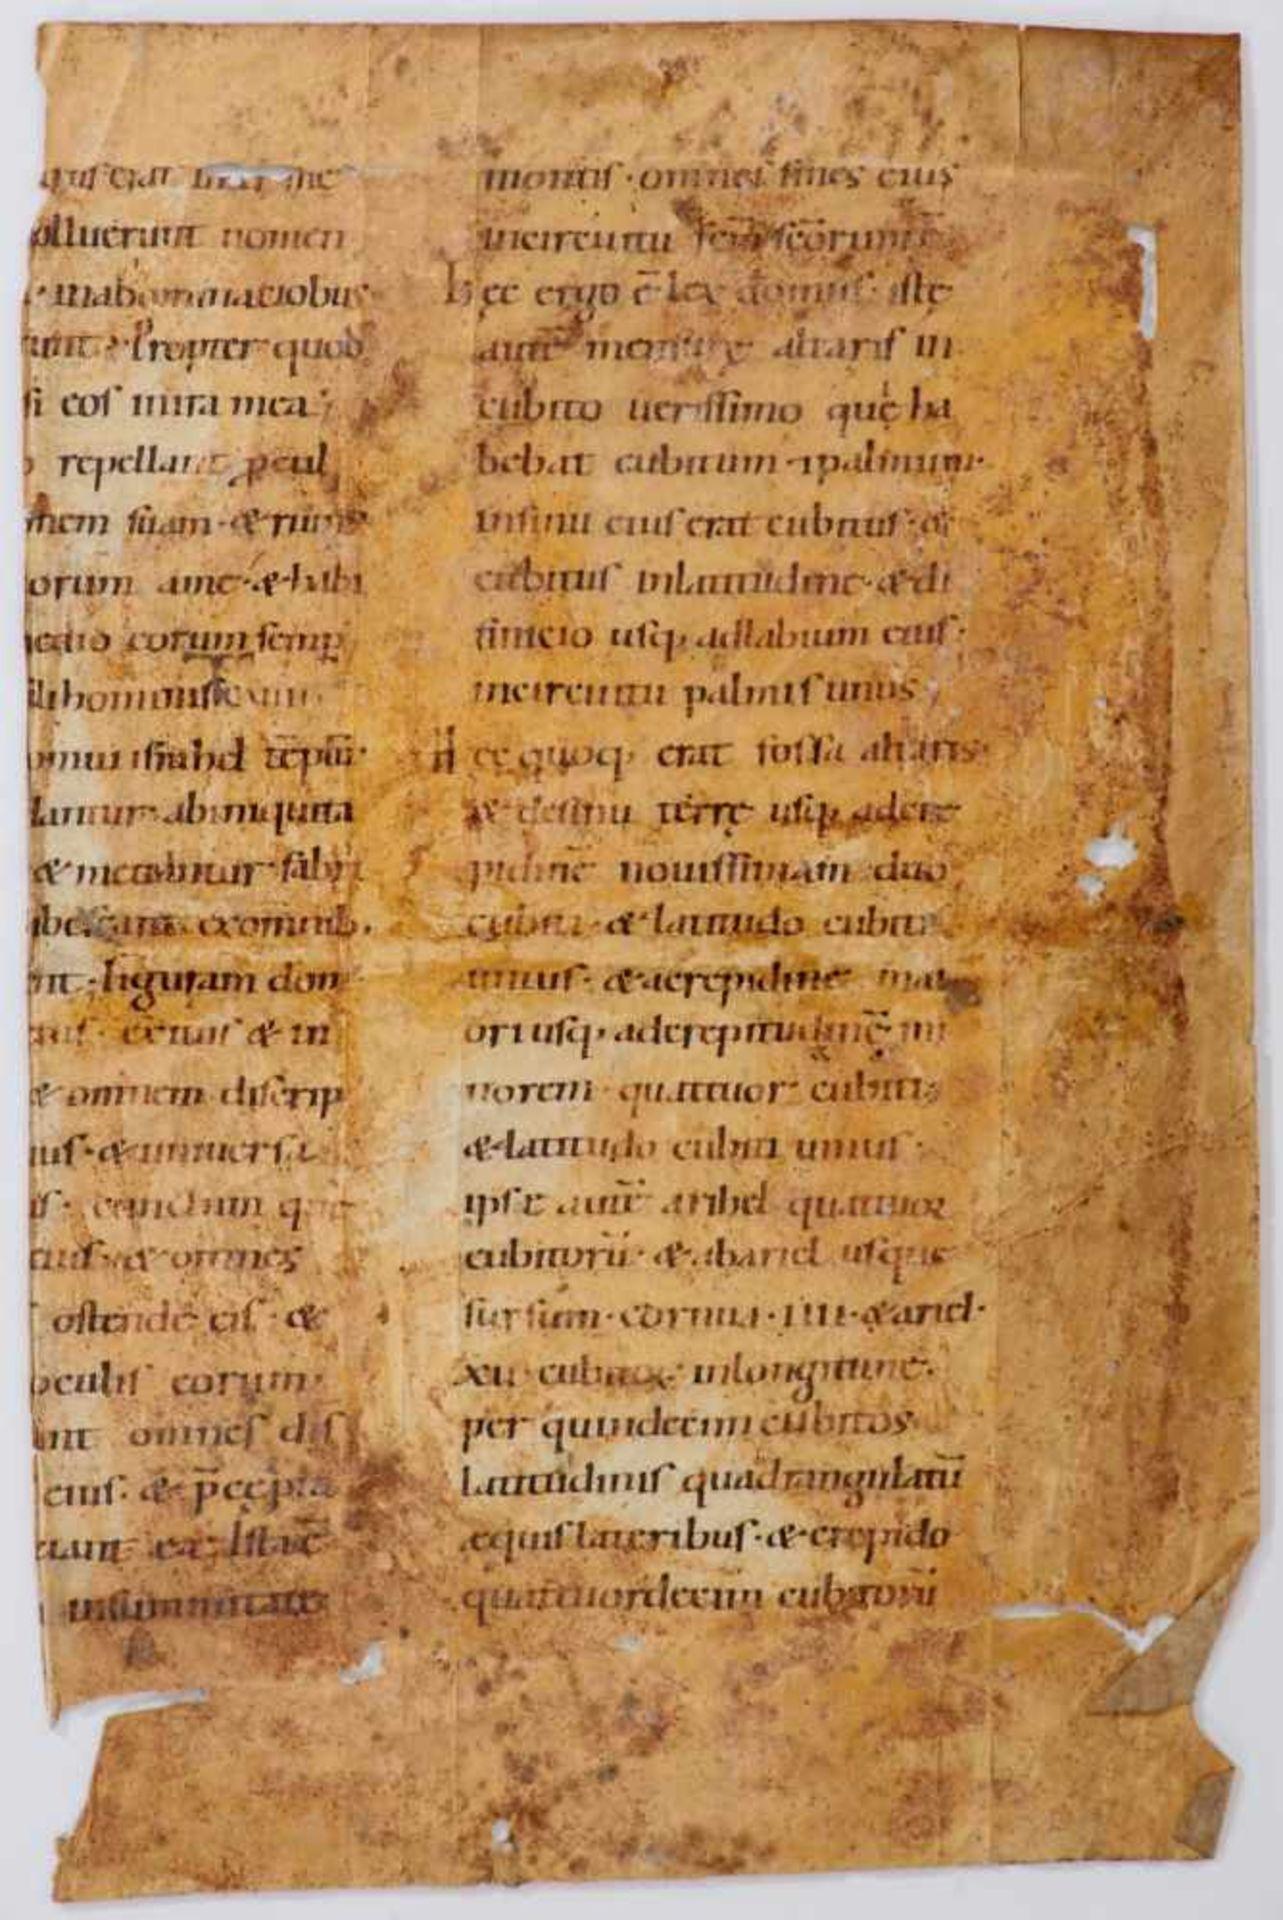 Bibel- Einzelblatt (Fragment)aus einer lateinischen Handschrift auf Pergament. Wohl Deutschland, - Bild 2 aus 2